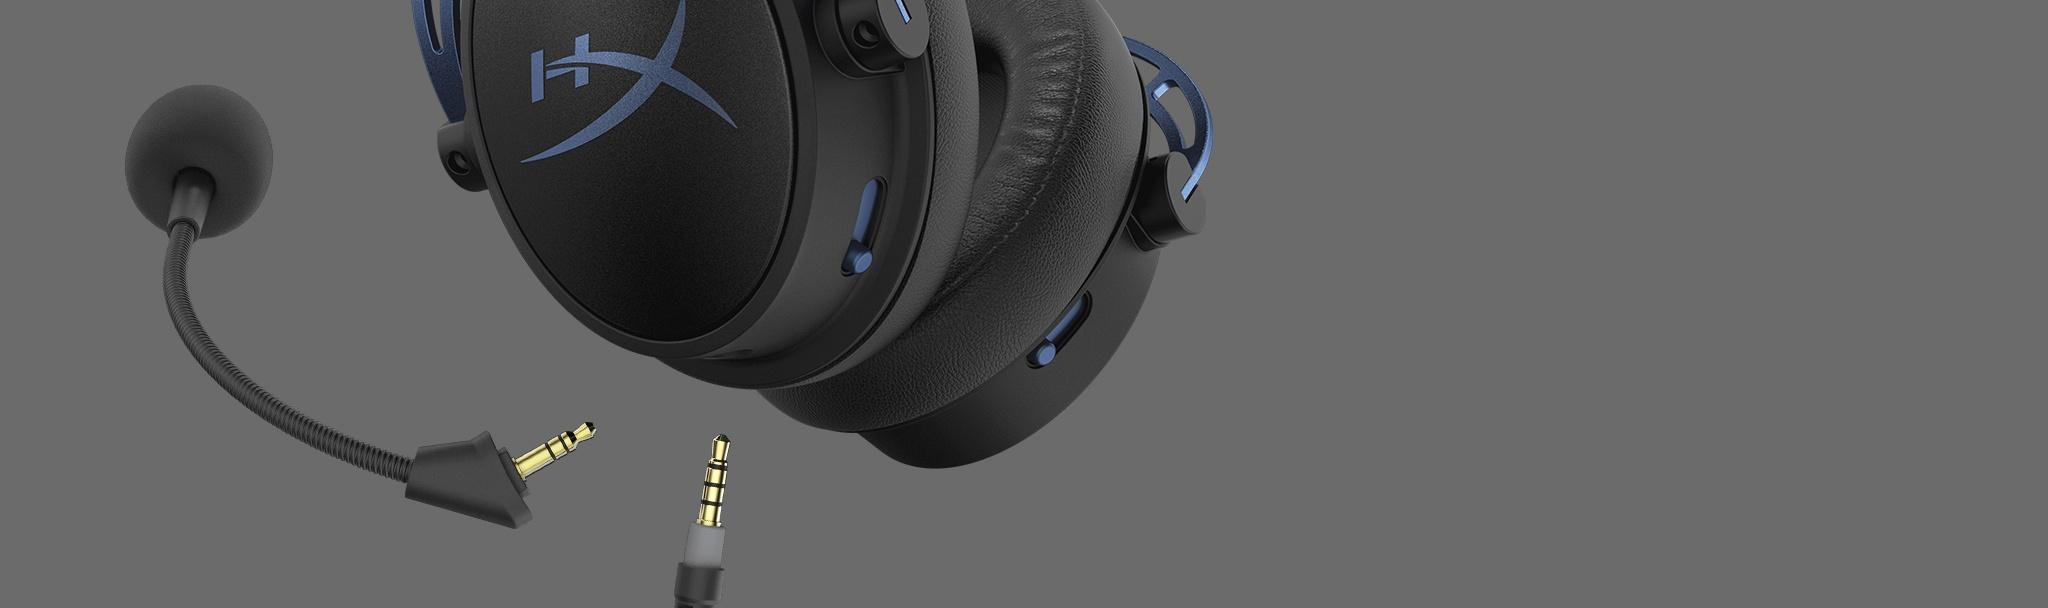 Tai nghe Kingston HyperX Cloud Alpha S Blue (HX-HSCAS-BL/WW) trang bị micro và dây cáp có thể tháo rời